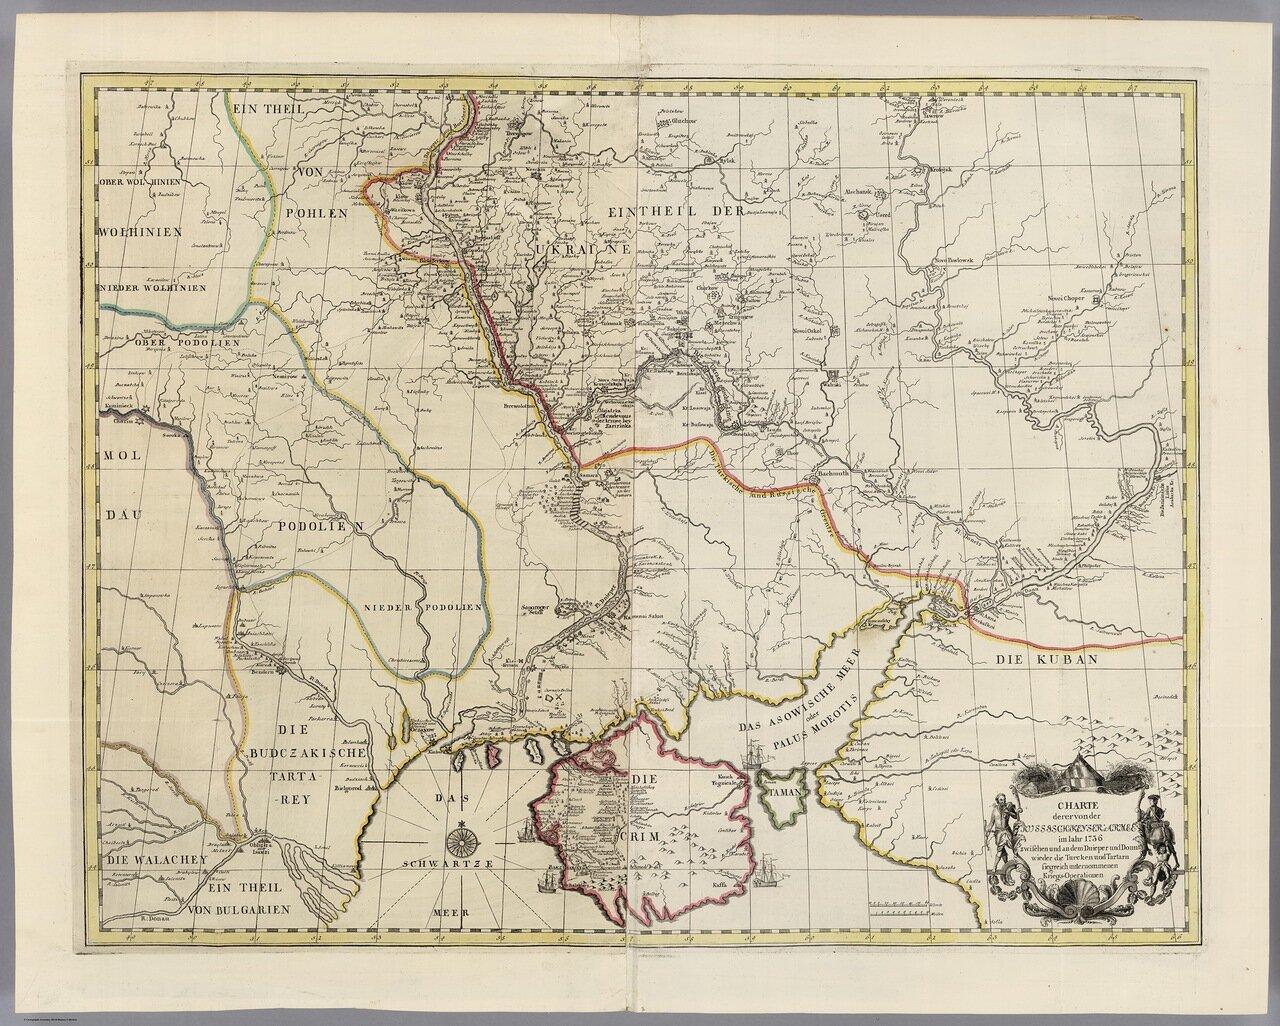 Карта военных действий в 1736